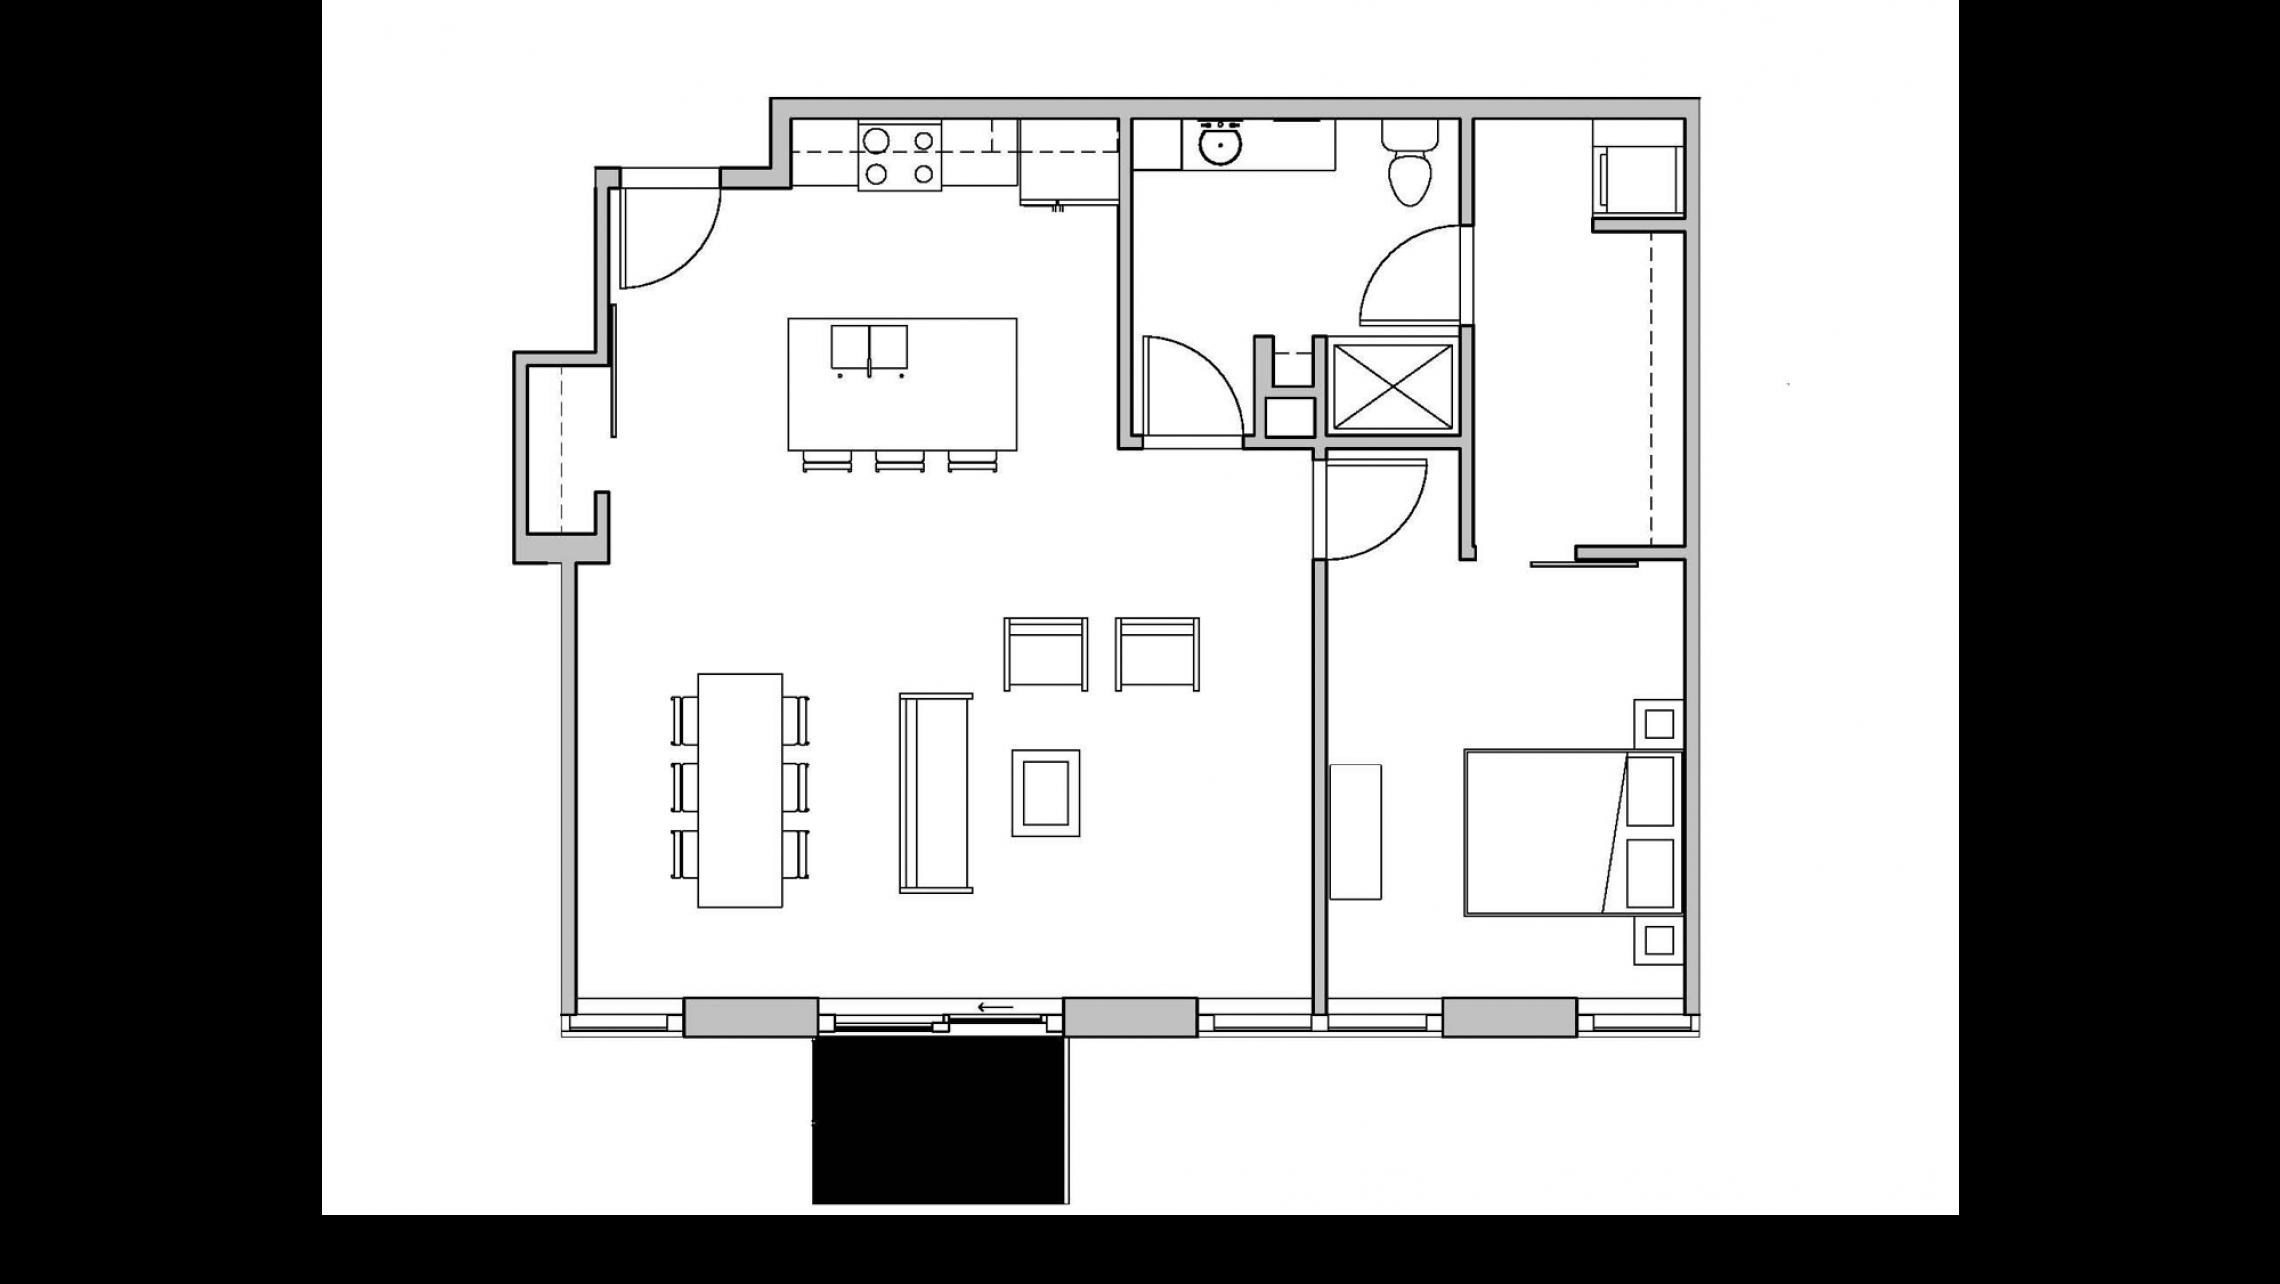 ULI Seven27 315 - One Bedroom, One Bathroom